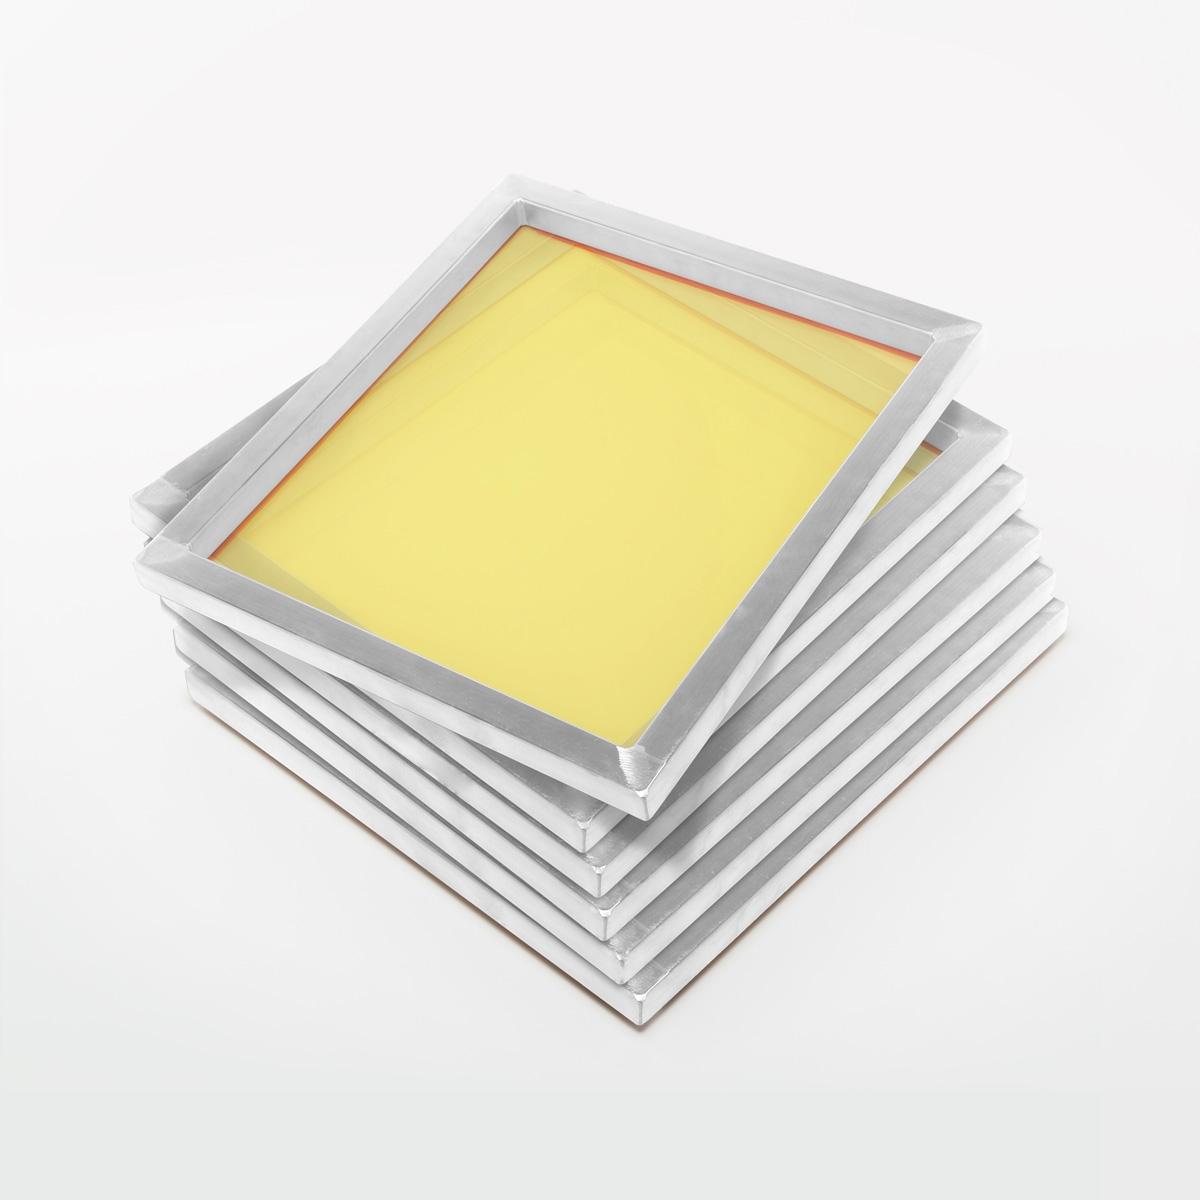 Berühmt Siebdruckrahmen Zum Verkauf Zeitgenössisch - Rahmen Ideen ...